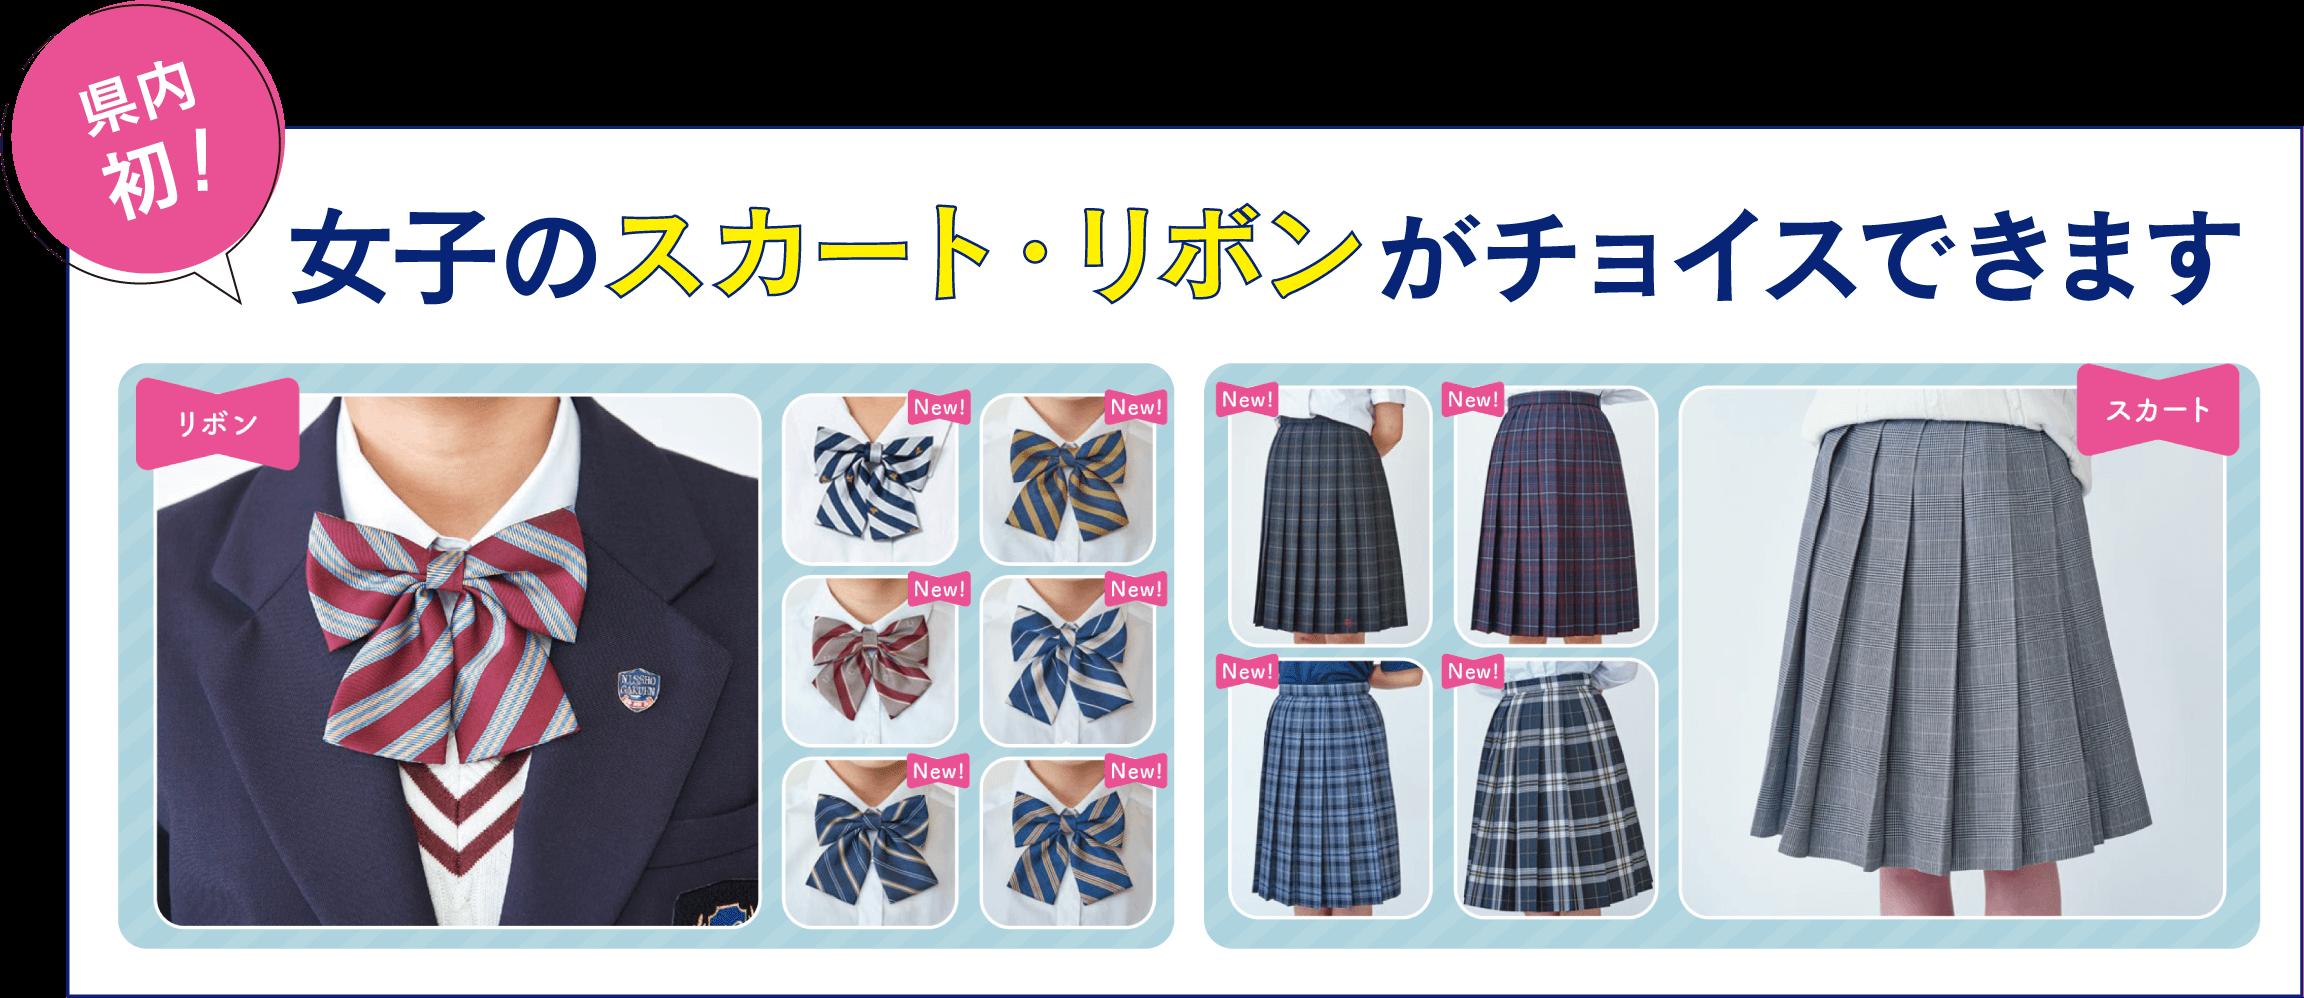 県内初! 女子のスカート・リボンがチョイスできます